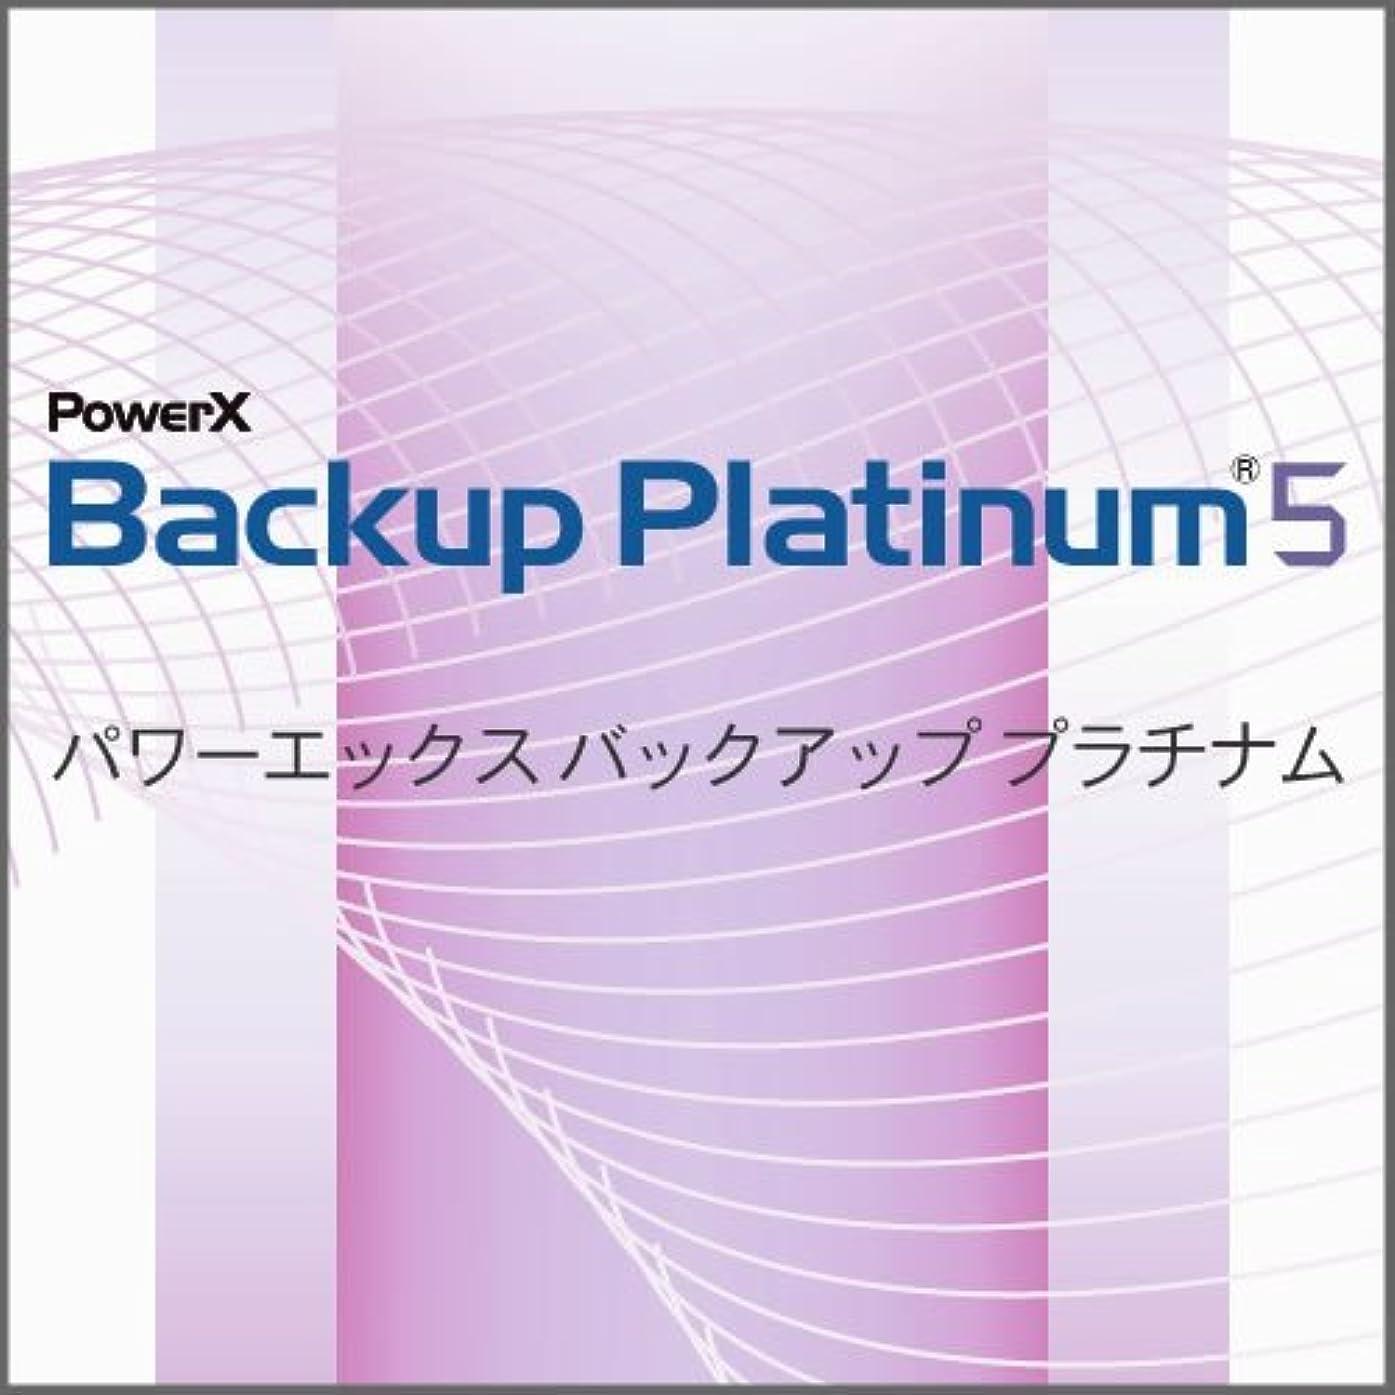 あいさつ気分が良い黒人PowerX Backup Platinum 5 シングルライセンス [ダウンロード]